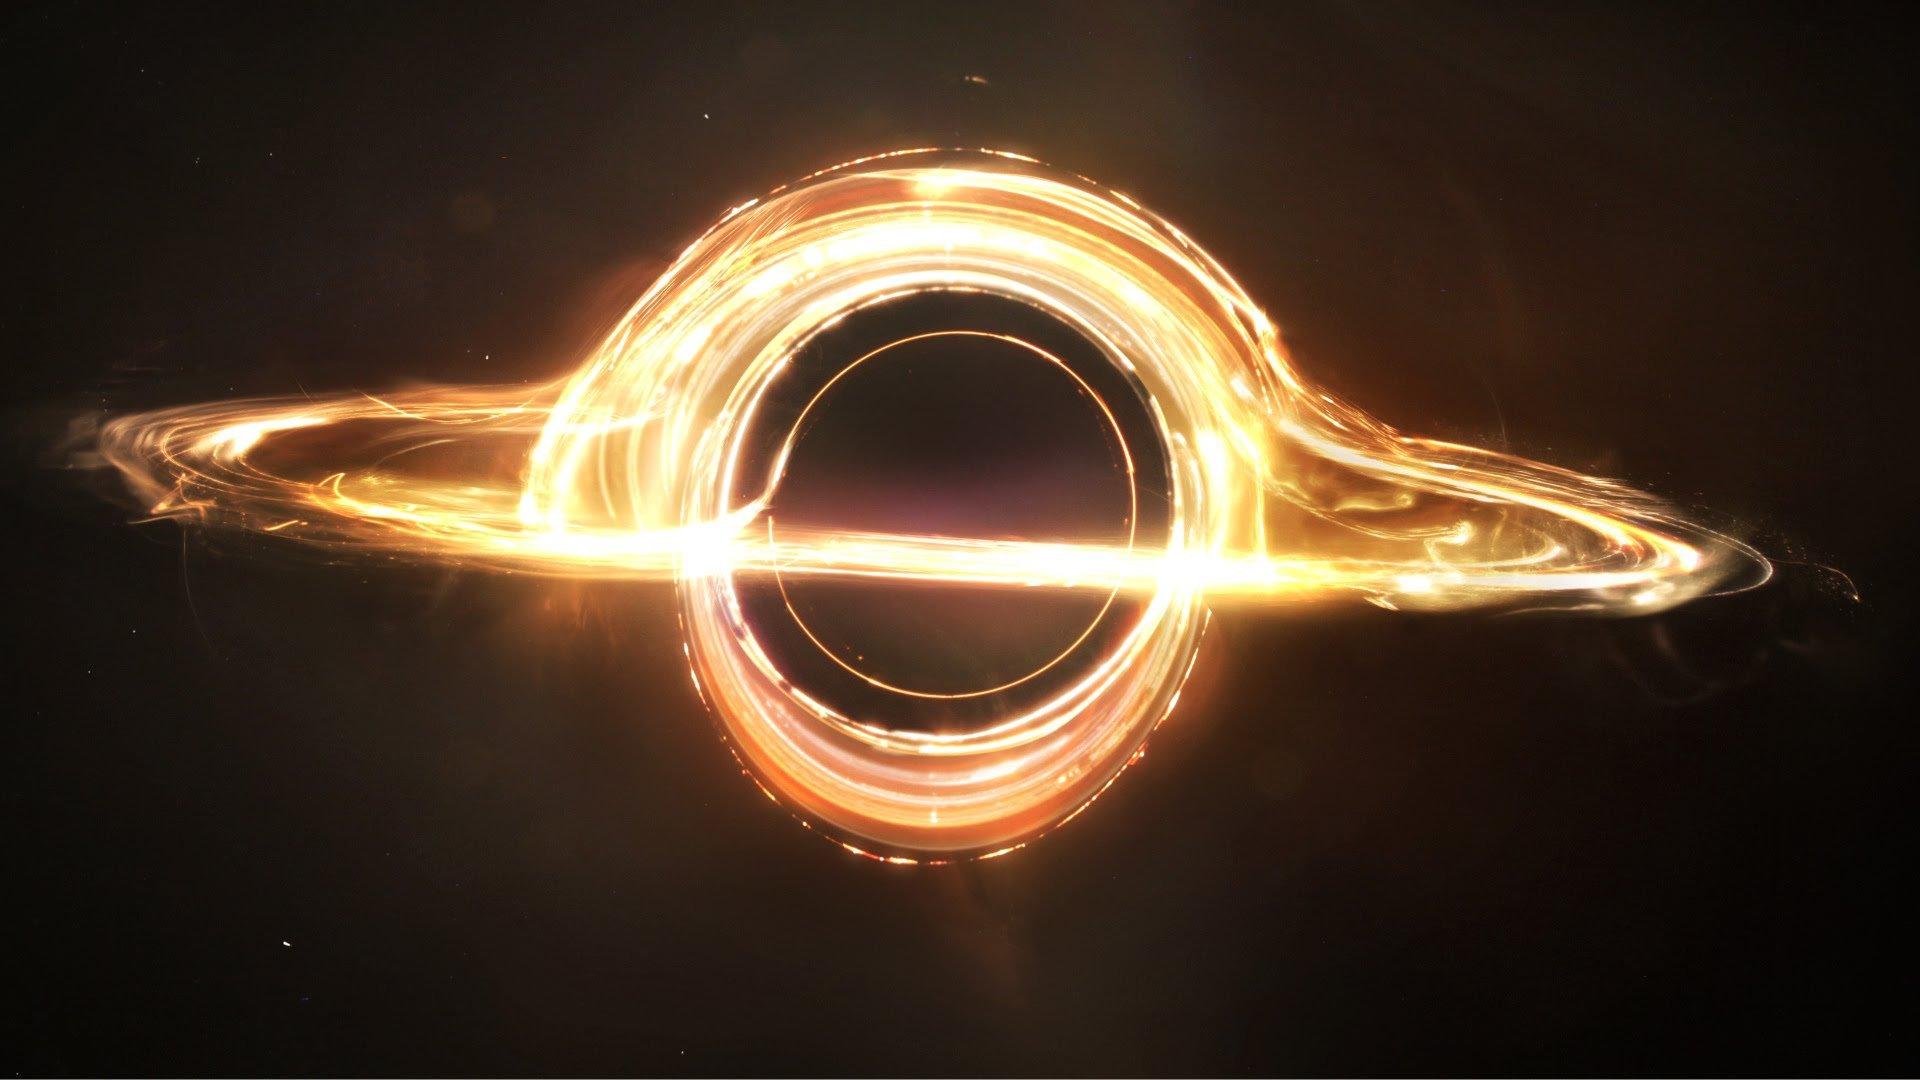 Что такое космический горизонт? | журнал популярная механика